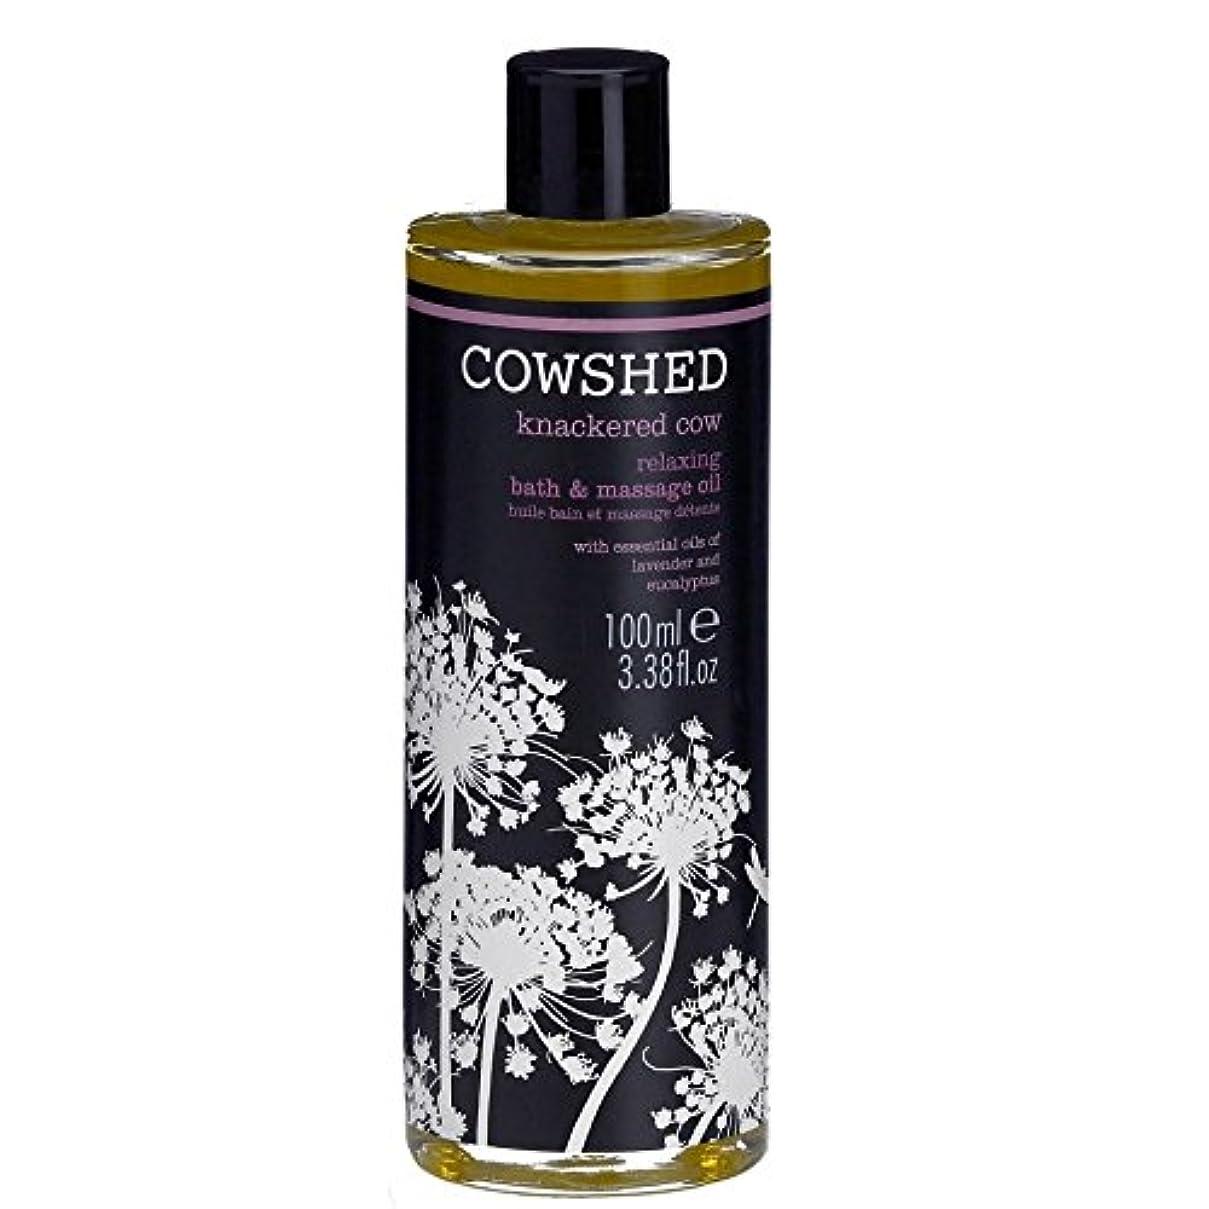 バイオレット必要条件ちょうつがいCowshed Knackered Cow Relaxing Bath and Body Oil 100ml - 牛舎にはバスタブとボディオイル100ミリリットルを緩和牛を [並行輸入品]